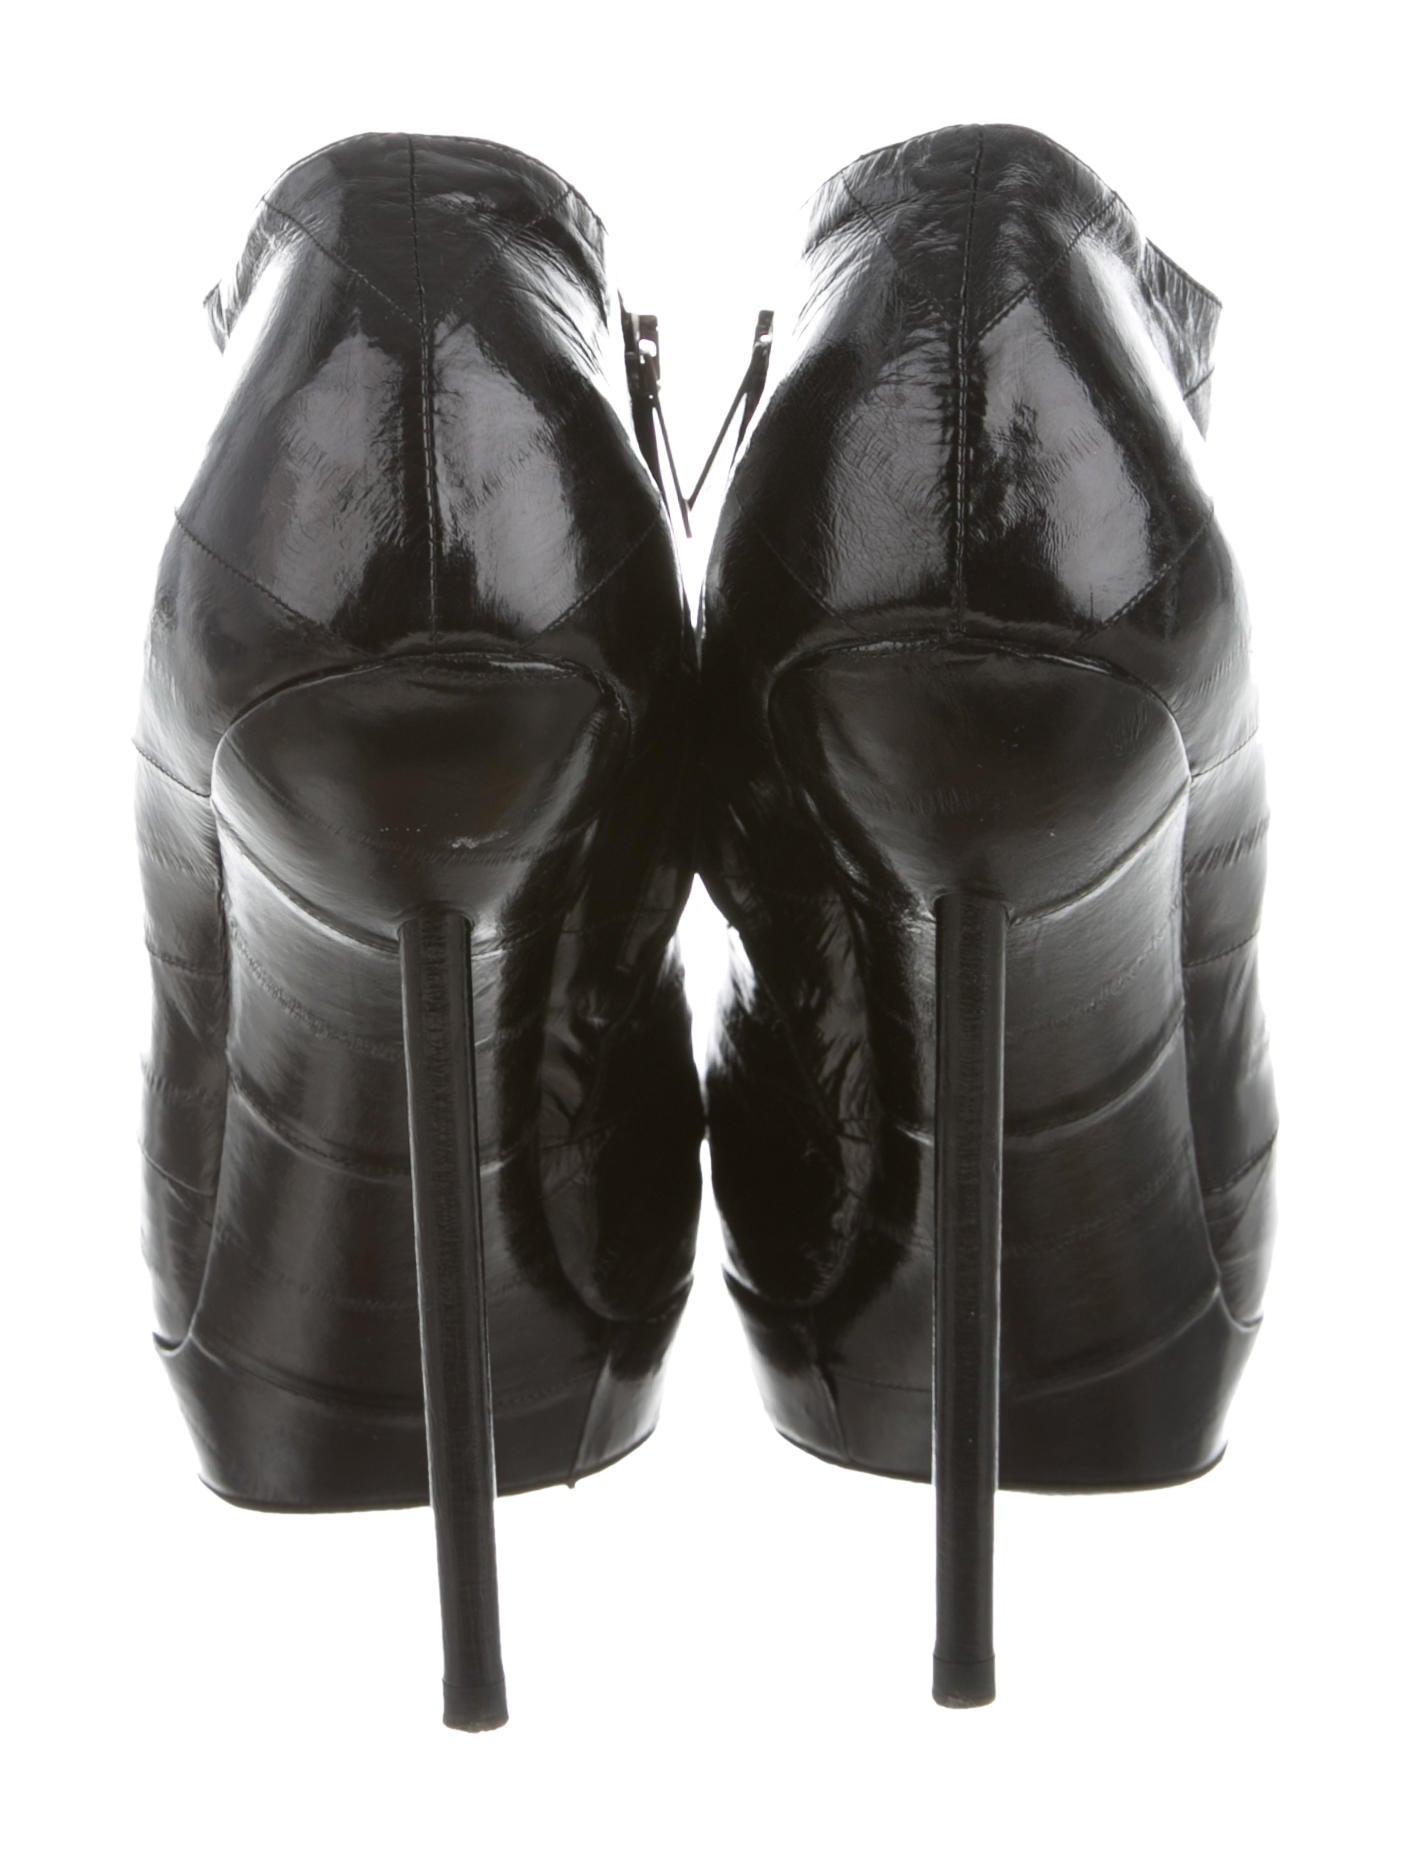 Yves Saint Laurent Eel Skin Platform Booties sneakernews cheap price sBtyXO